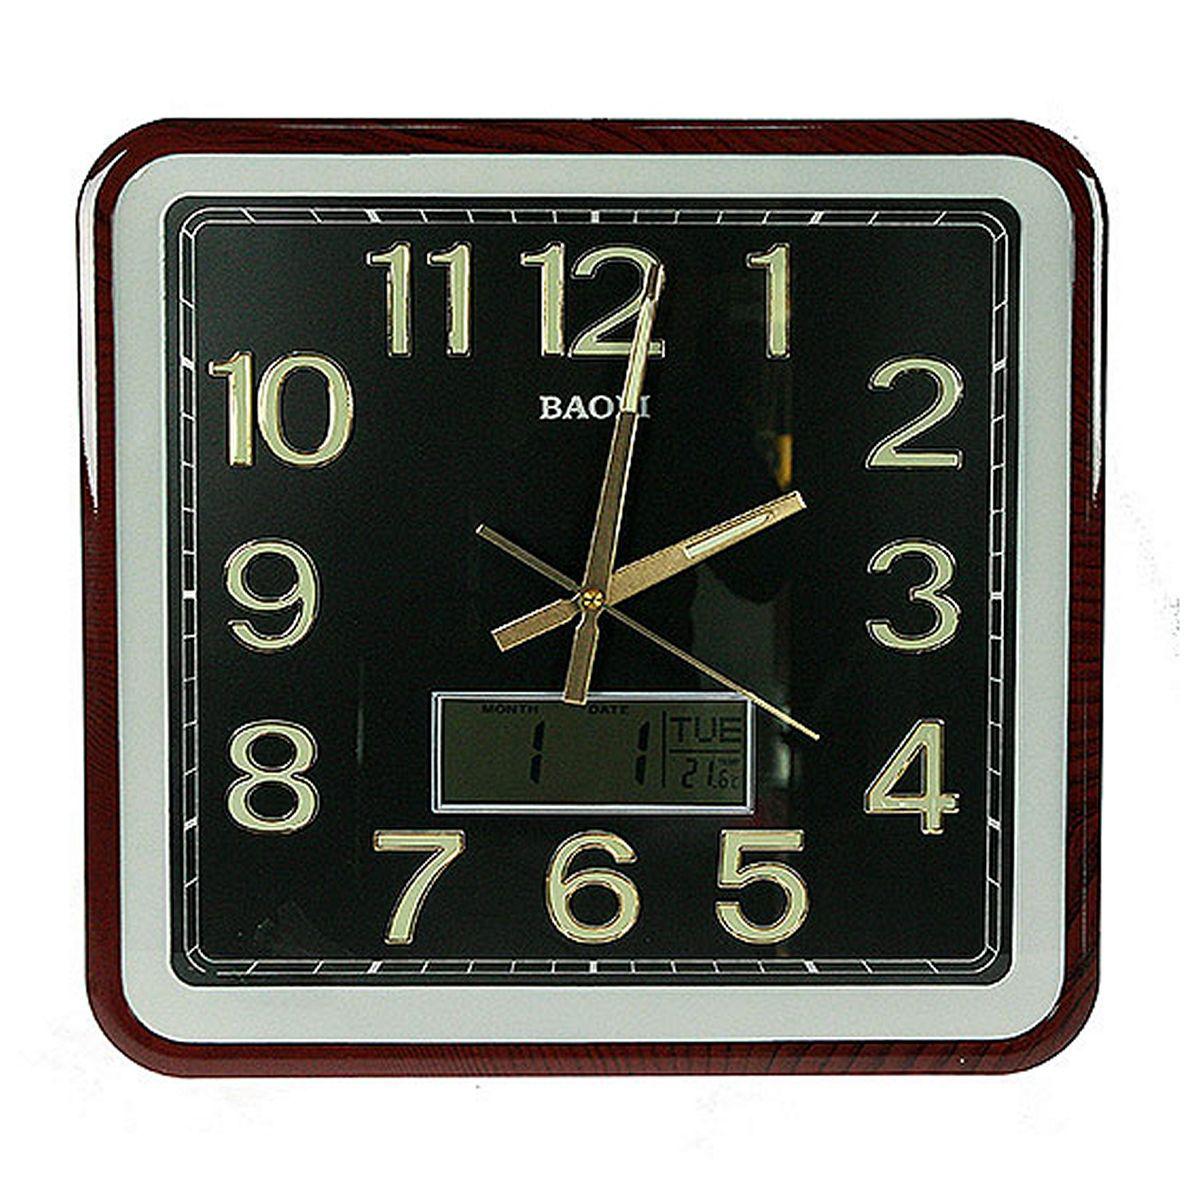 Часы настенные Русские Подарки, 39 х 42 см. 148126148126Настенные часы Русские подарки прекрасно украсят интерьер любой комнаты. Корпус часов выполнен из прочного пластика. В часы встроены дополнительные функции: календарь, термометр и электронные часы.Такие часы станут отличным подарком для друзей и близких.